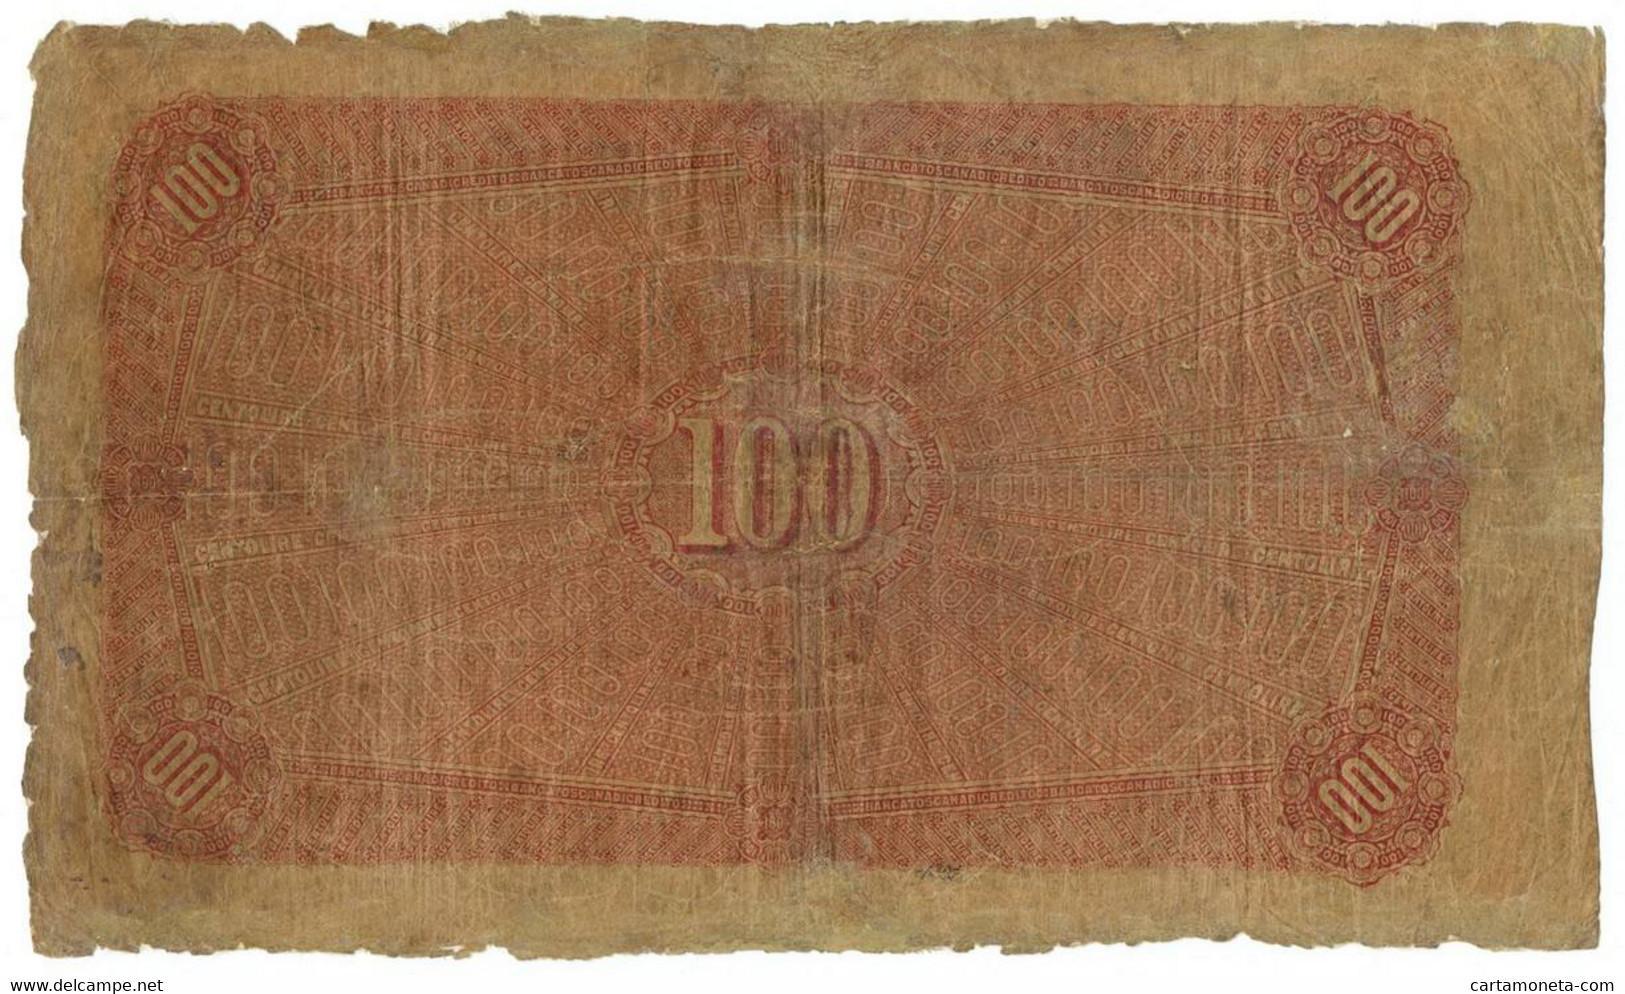 100 LIRE BANCA TOSCANA DI CREDITO FIRENZE II TIPO 02/01/1880 MB/BB - [ 1] …-1946 : Regno